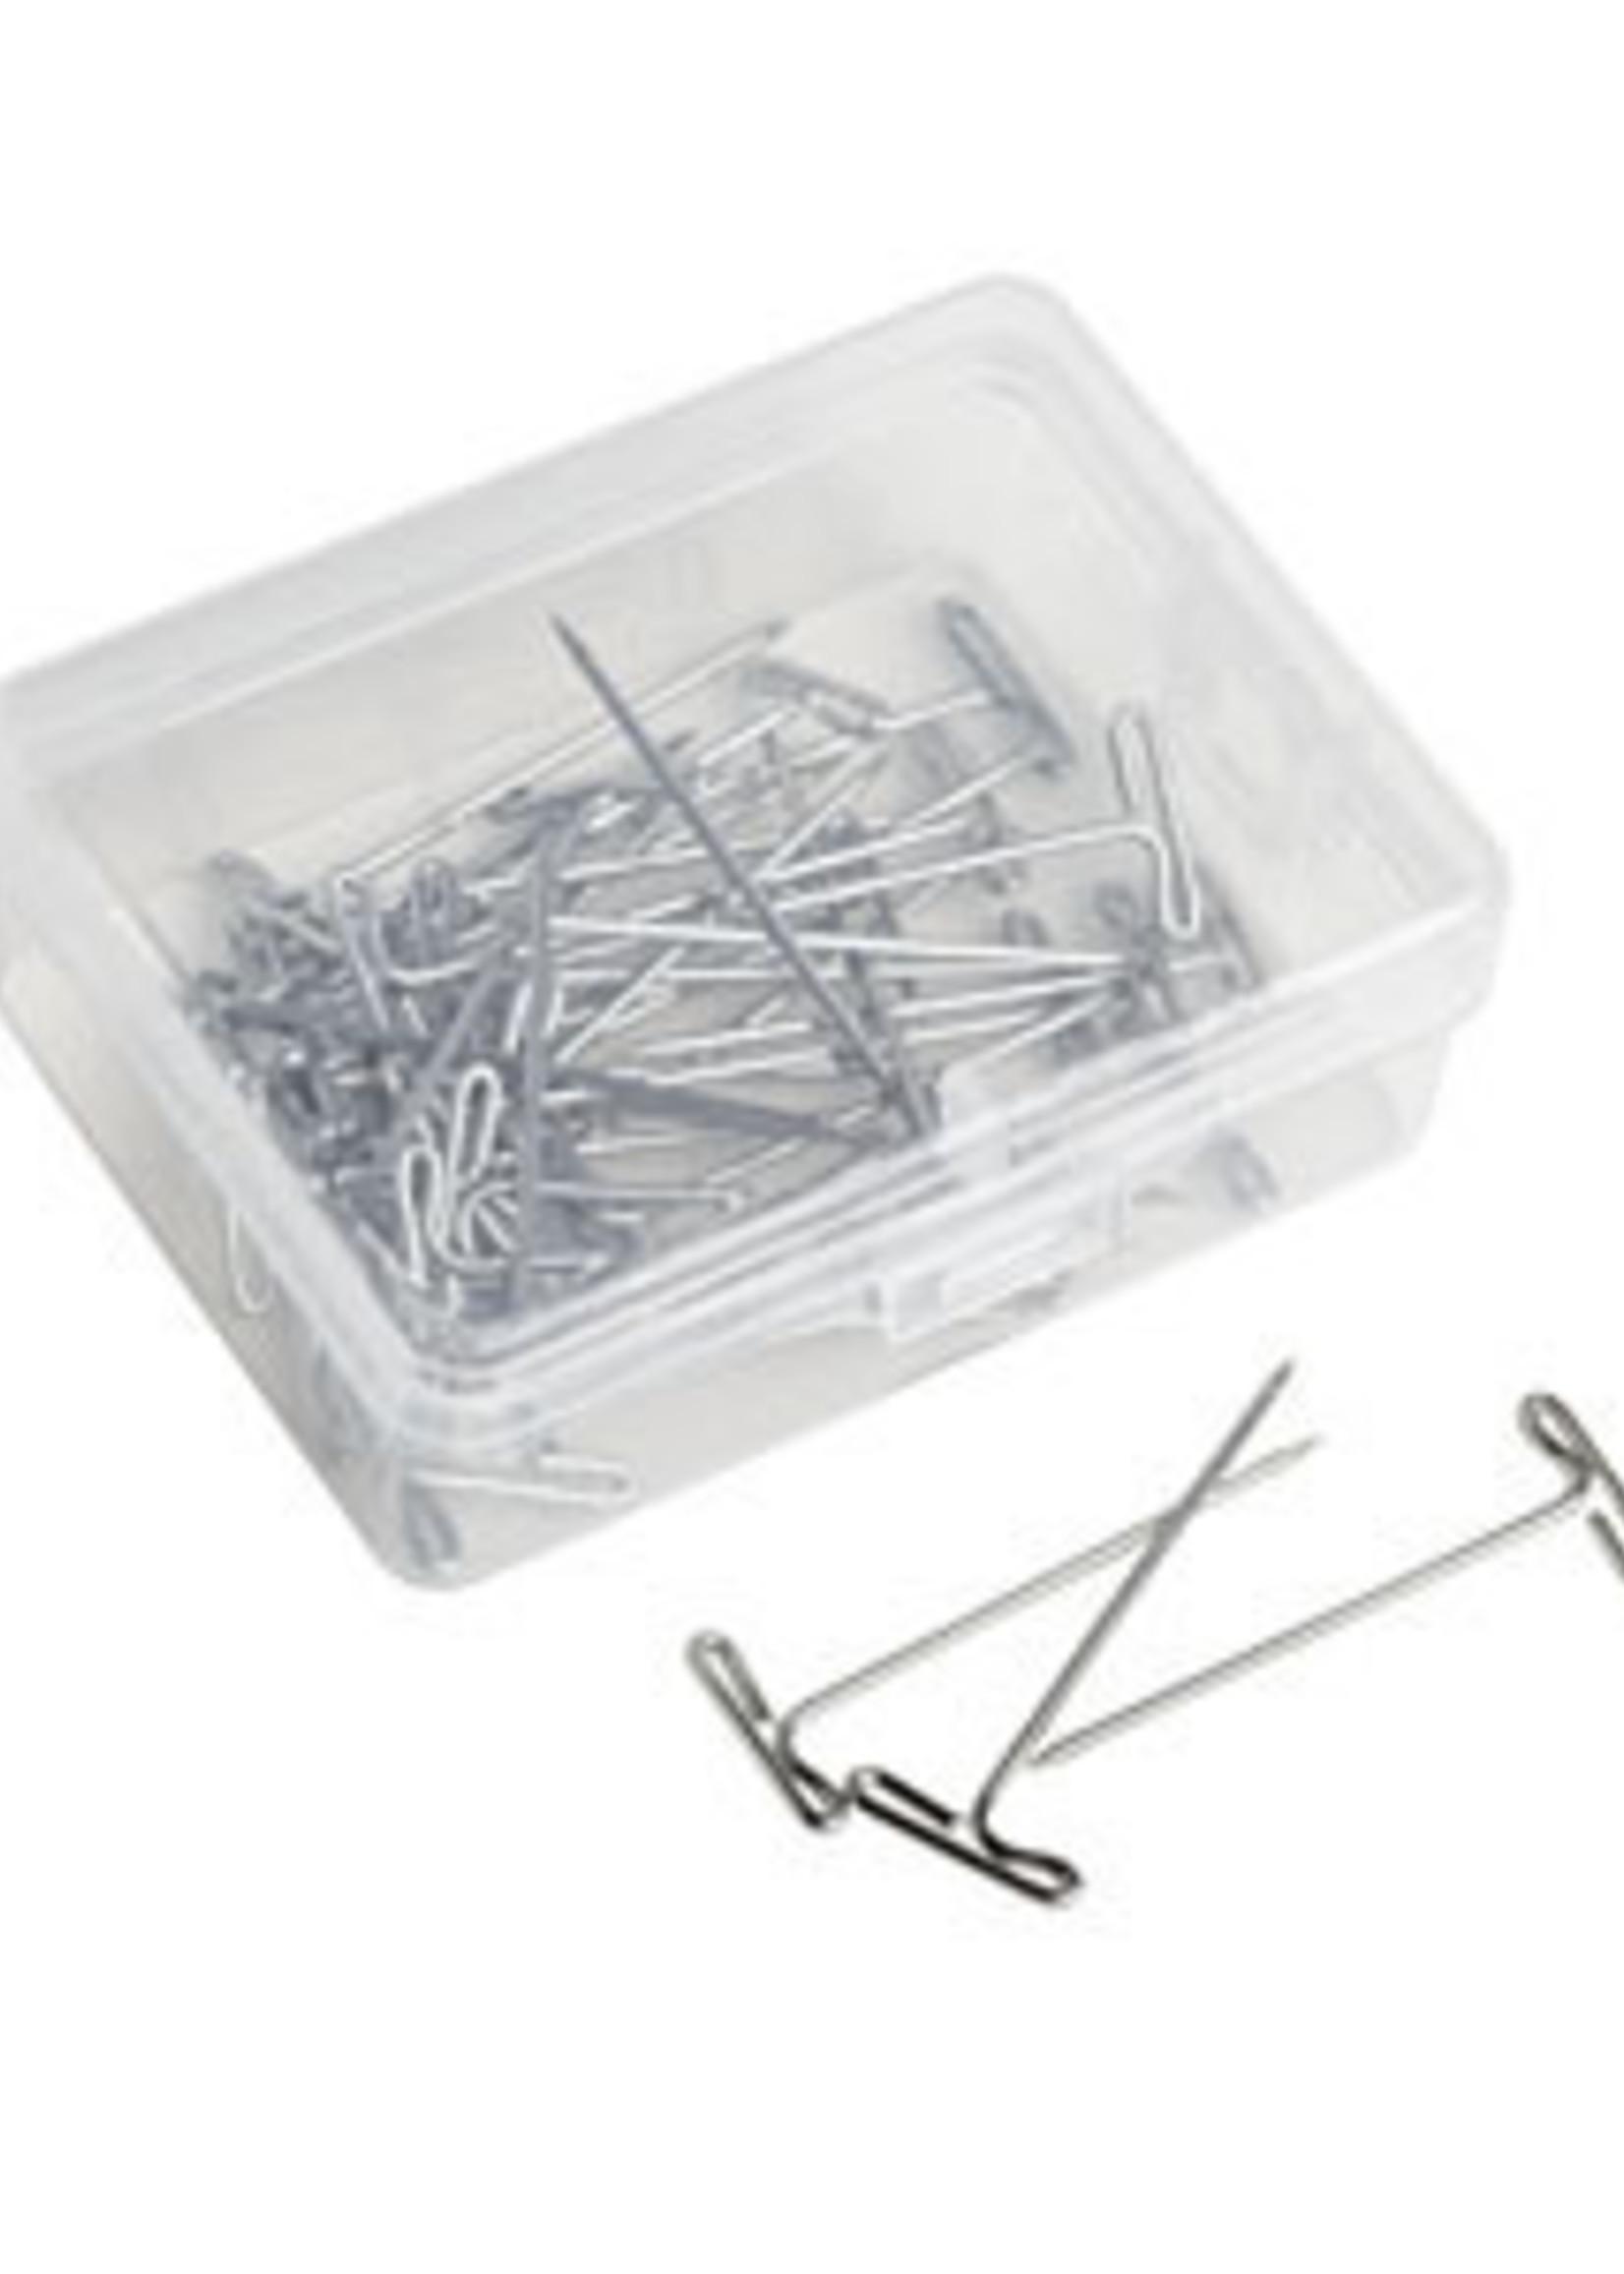 Knit Picks Knit Picks T-Pins 40 Pack (83845)